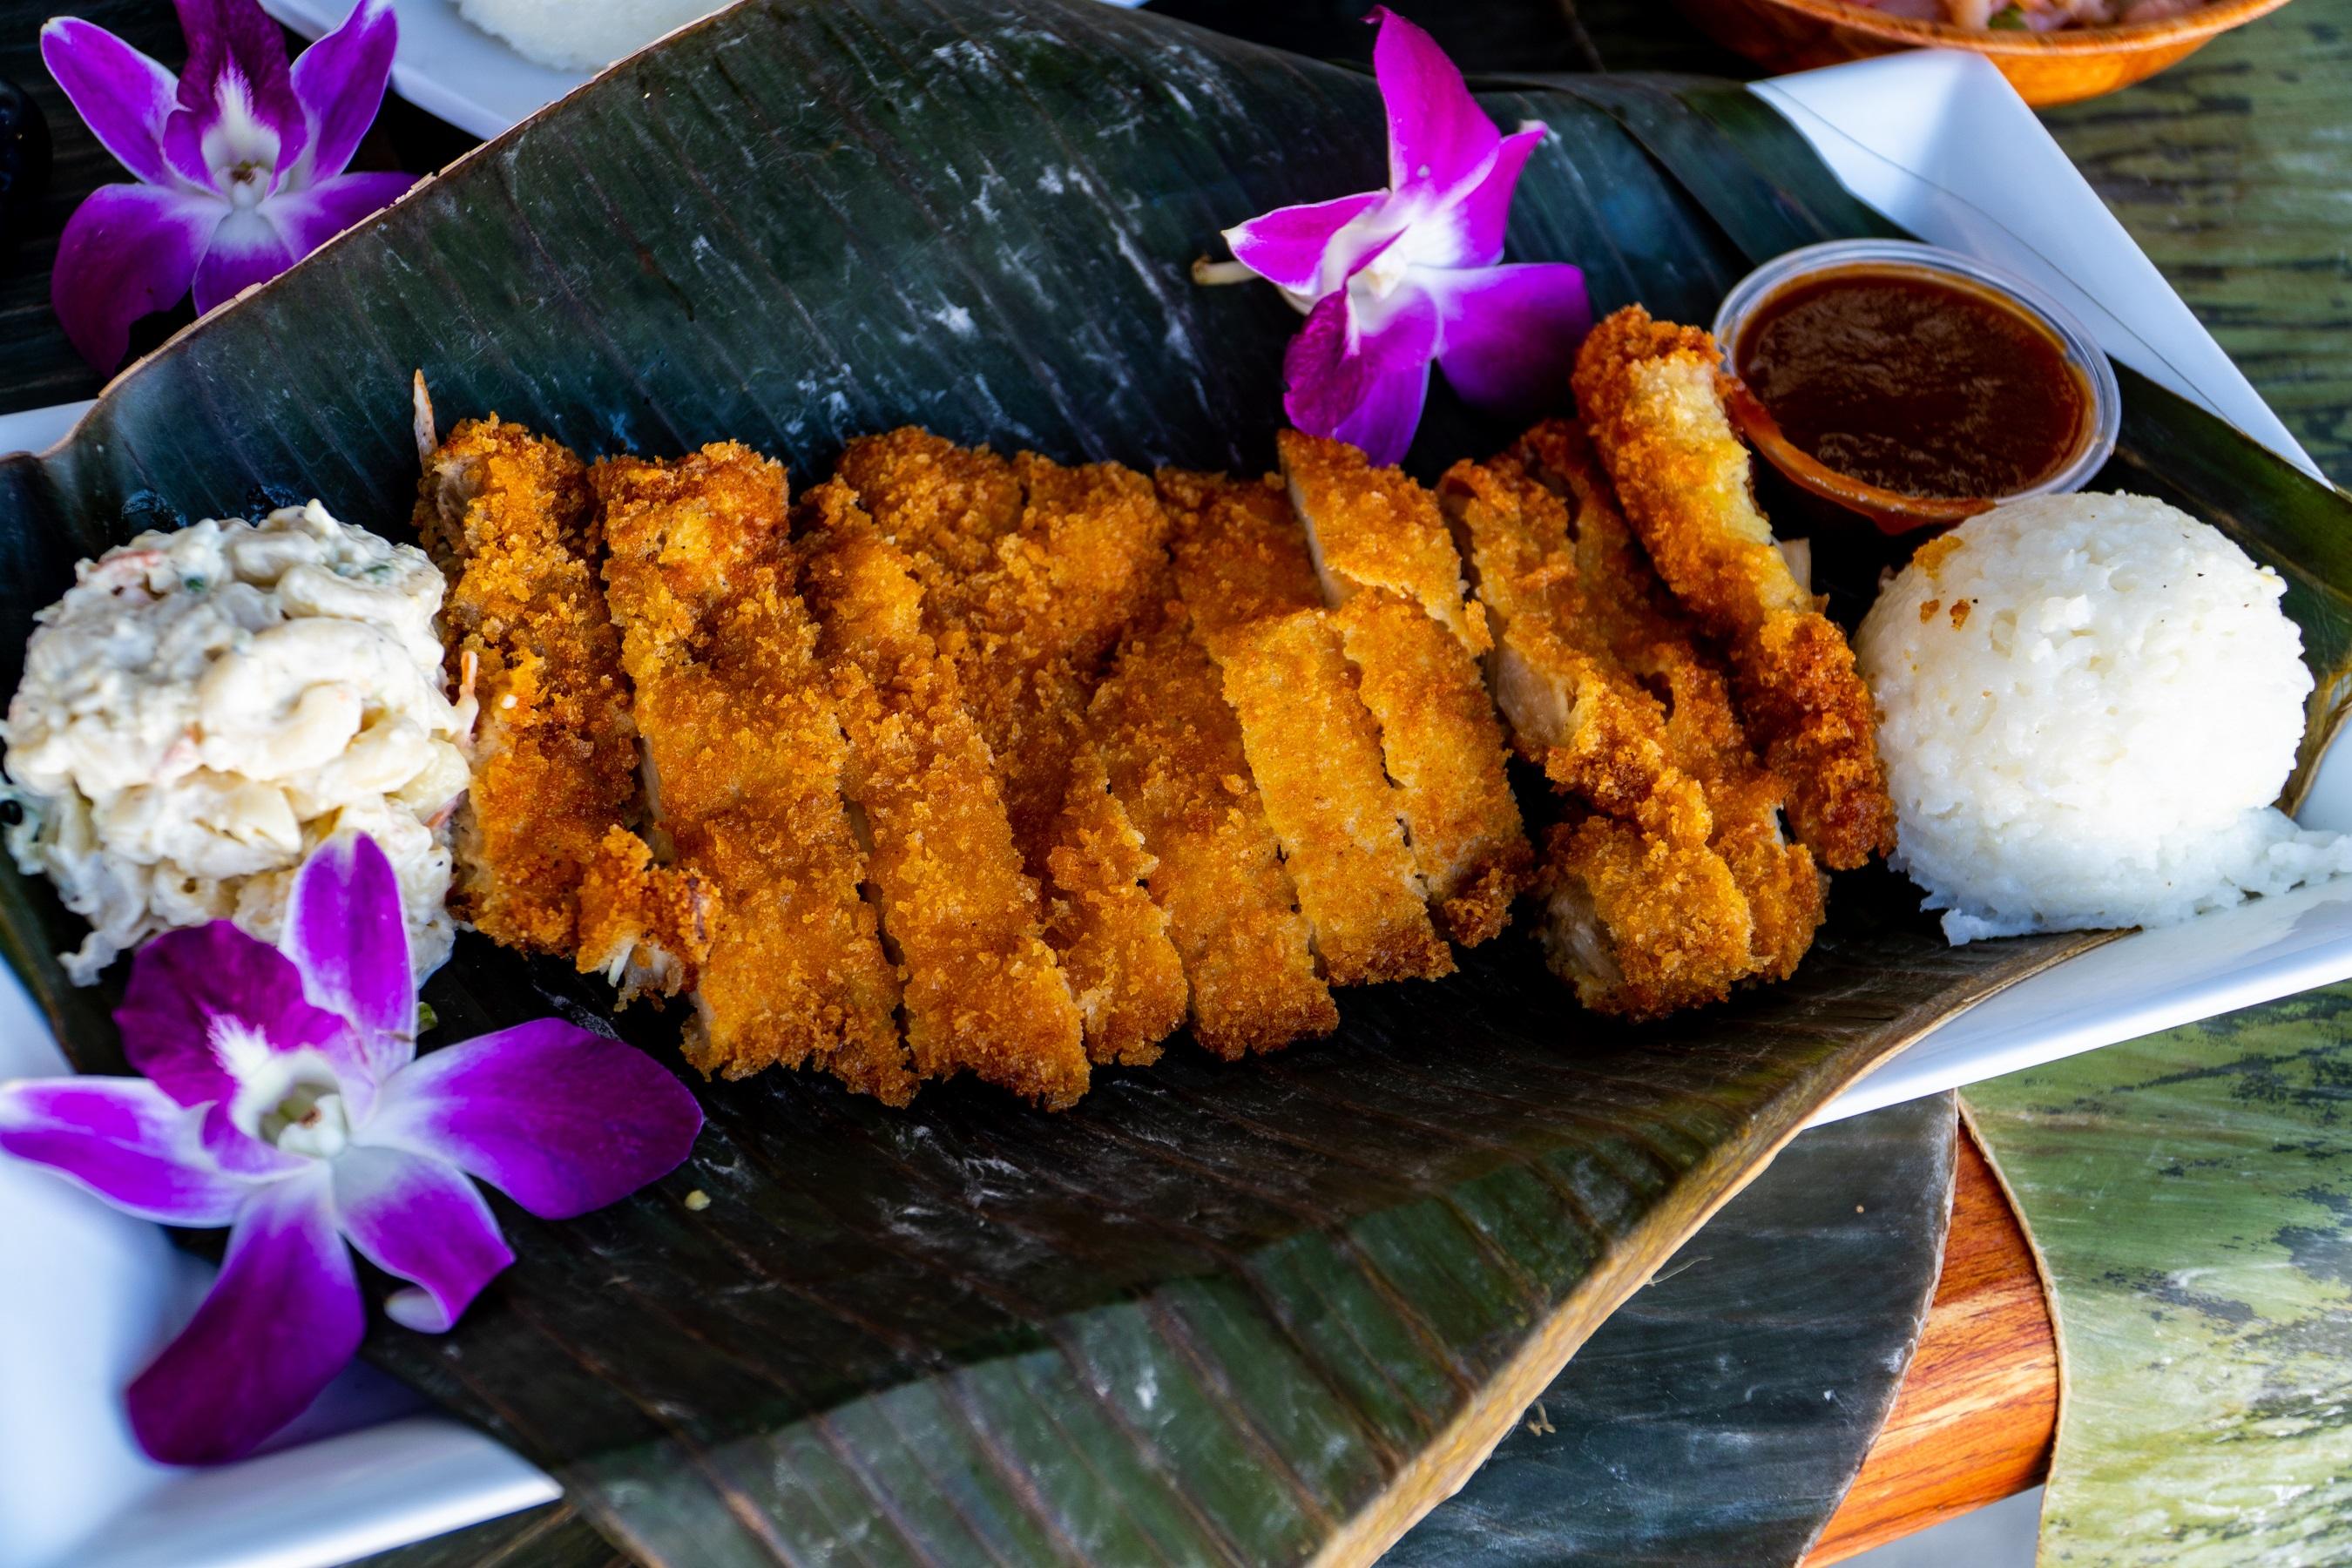 Da Kine's Hawaiian Plate Lunch Spot Returns After 11 Year Hiatus